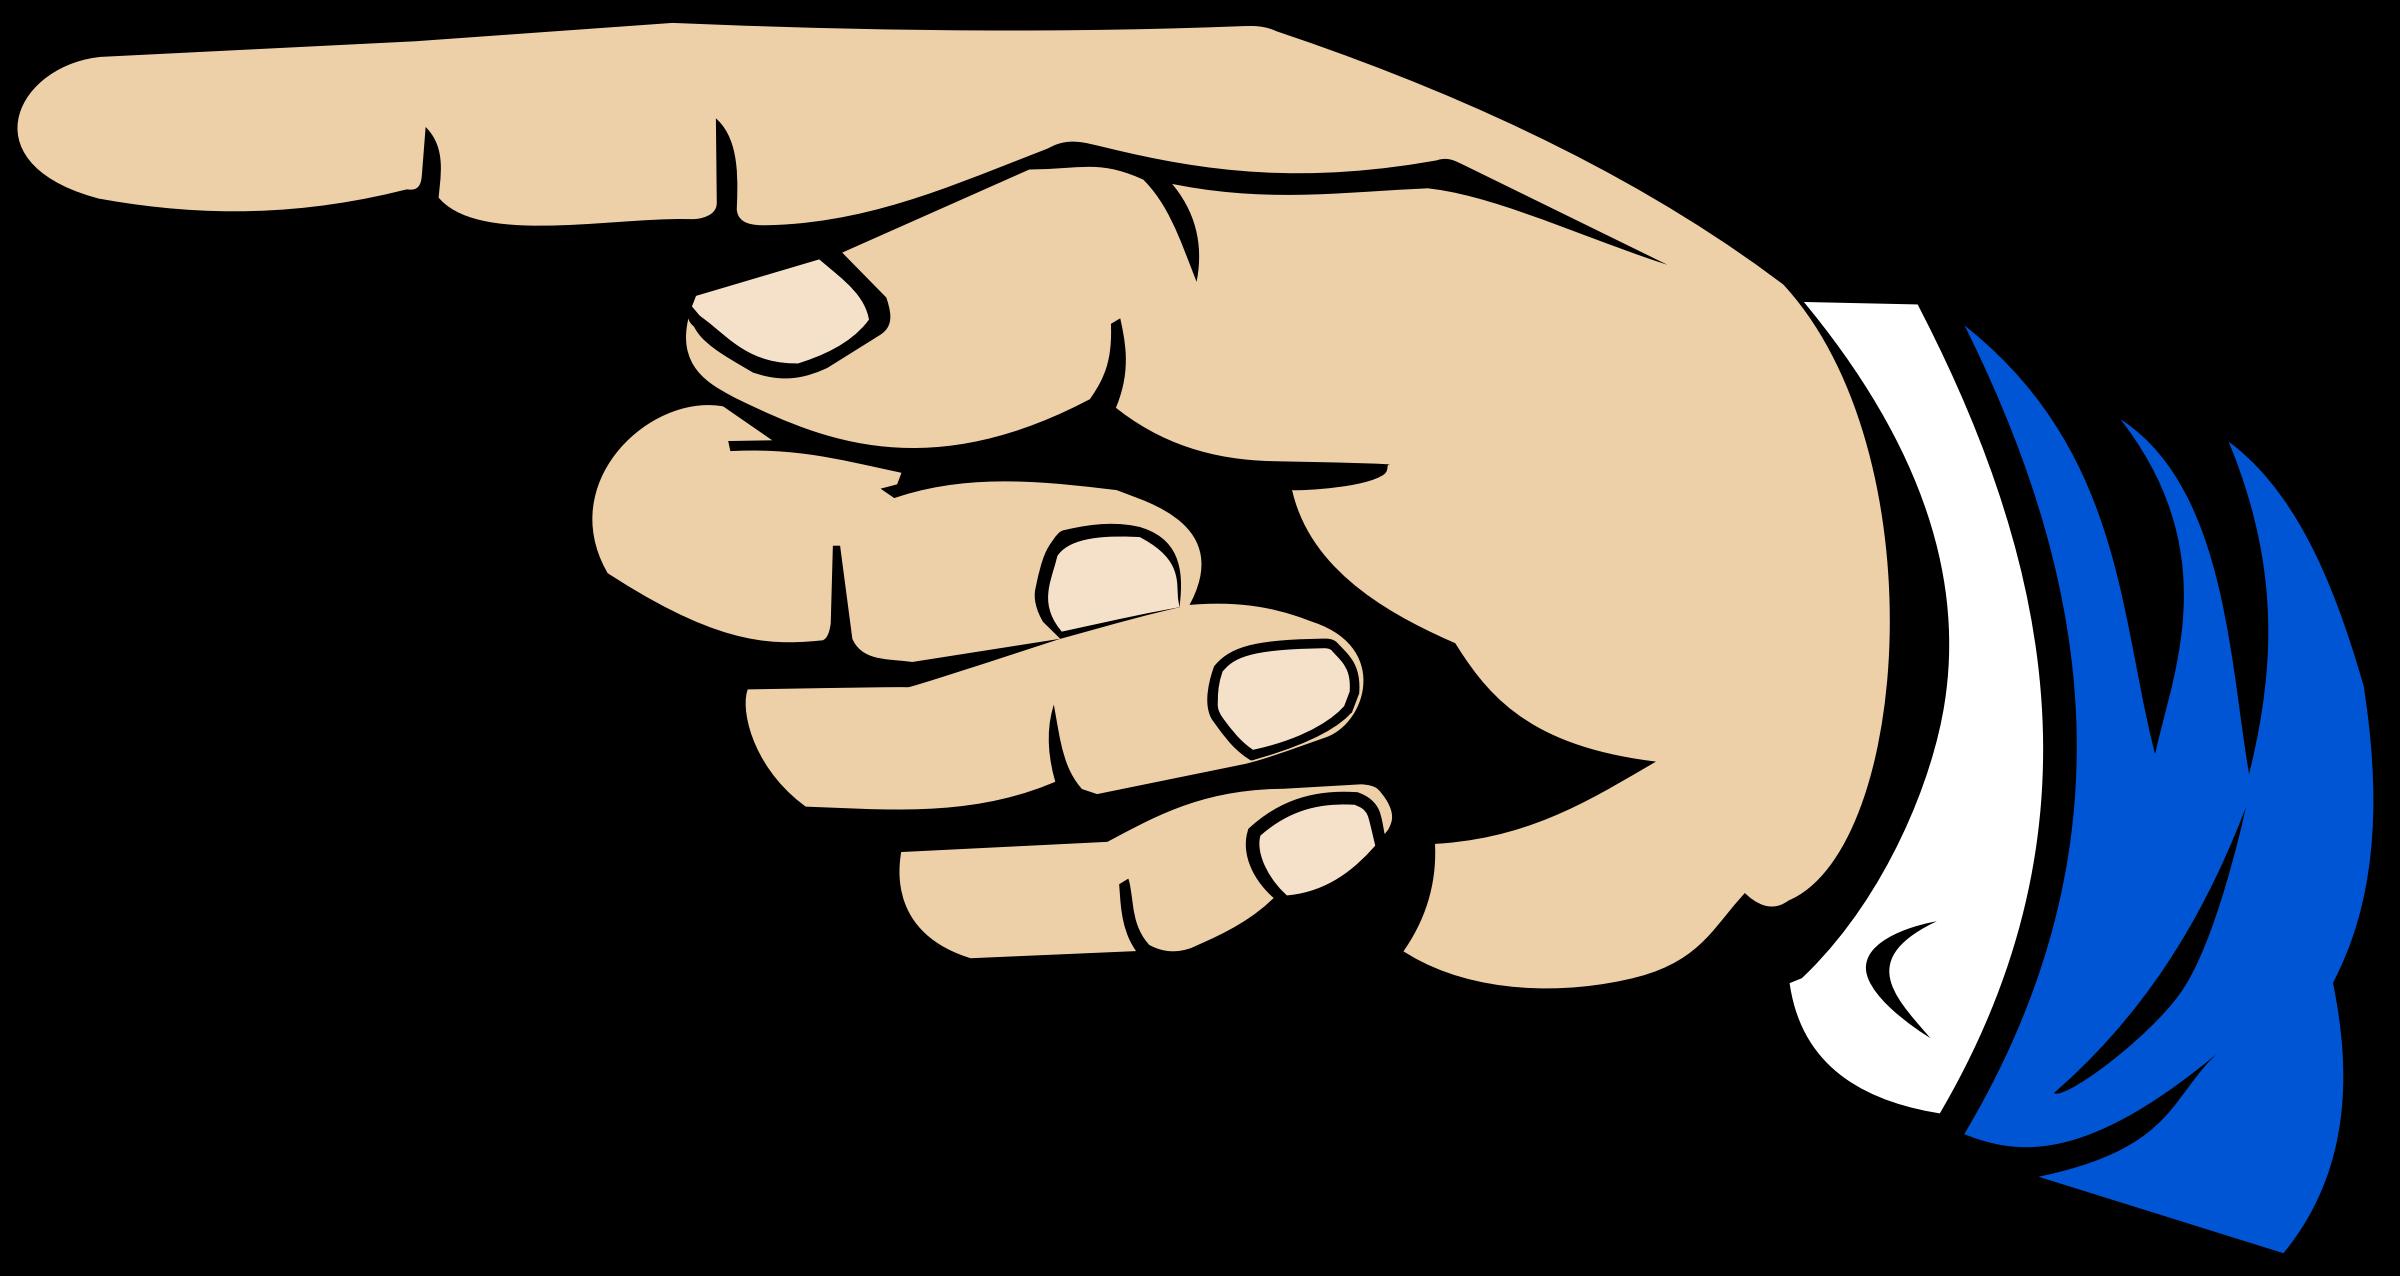 2400x1276 Thumb Index Finger Digit Clip Art